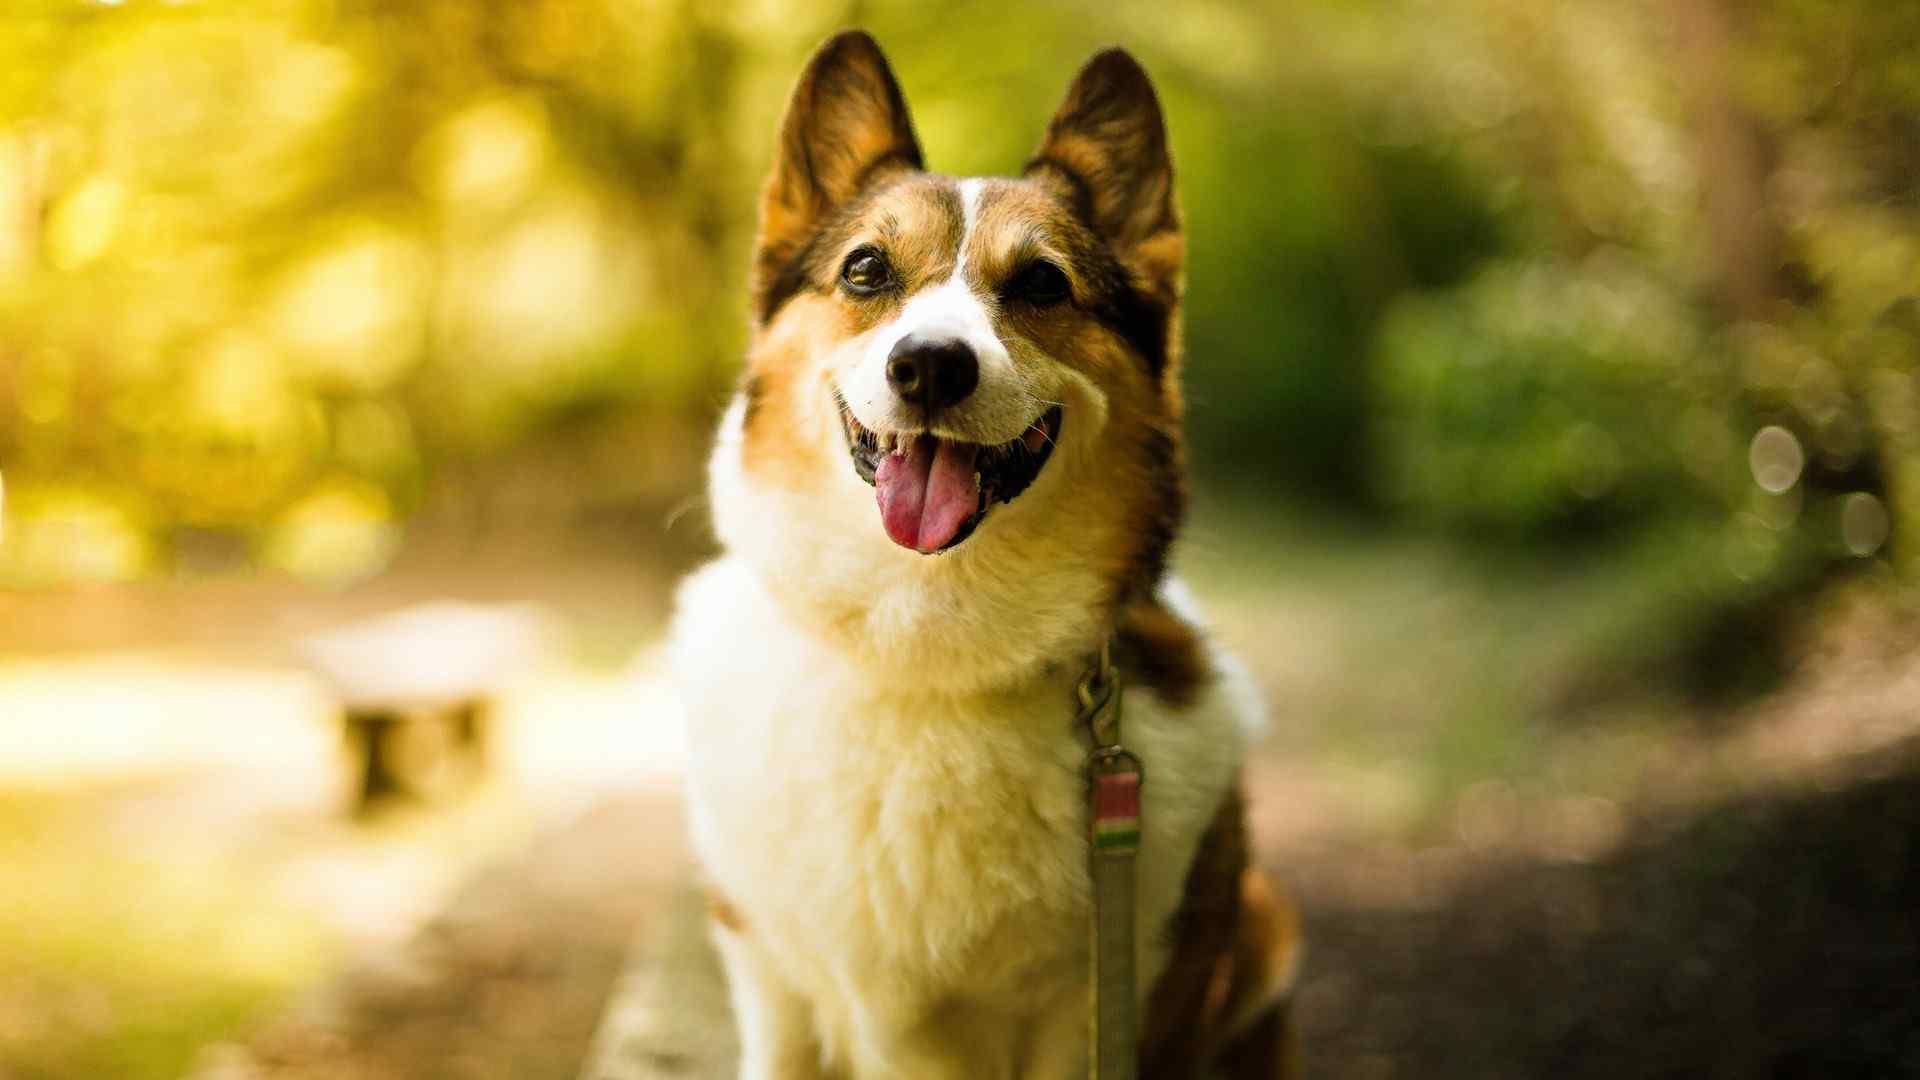 Cute Pets Wallpapers Hd 柯基犬图片主题桌面壁纸 桌面天下(desktx Com)